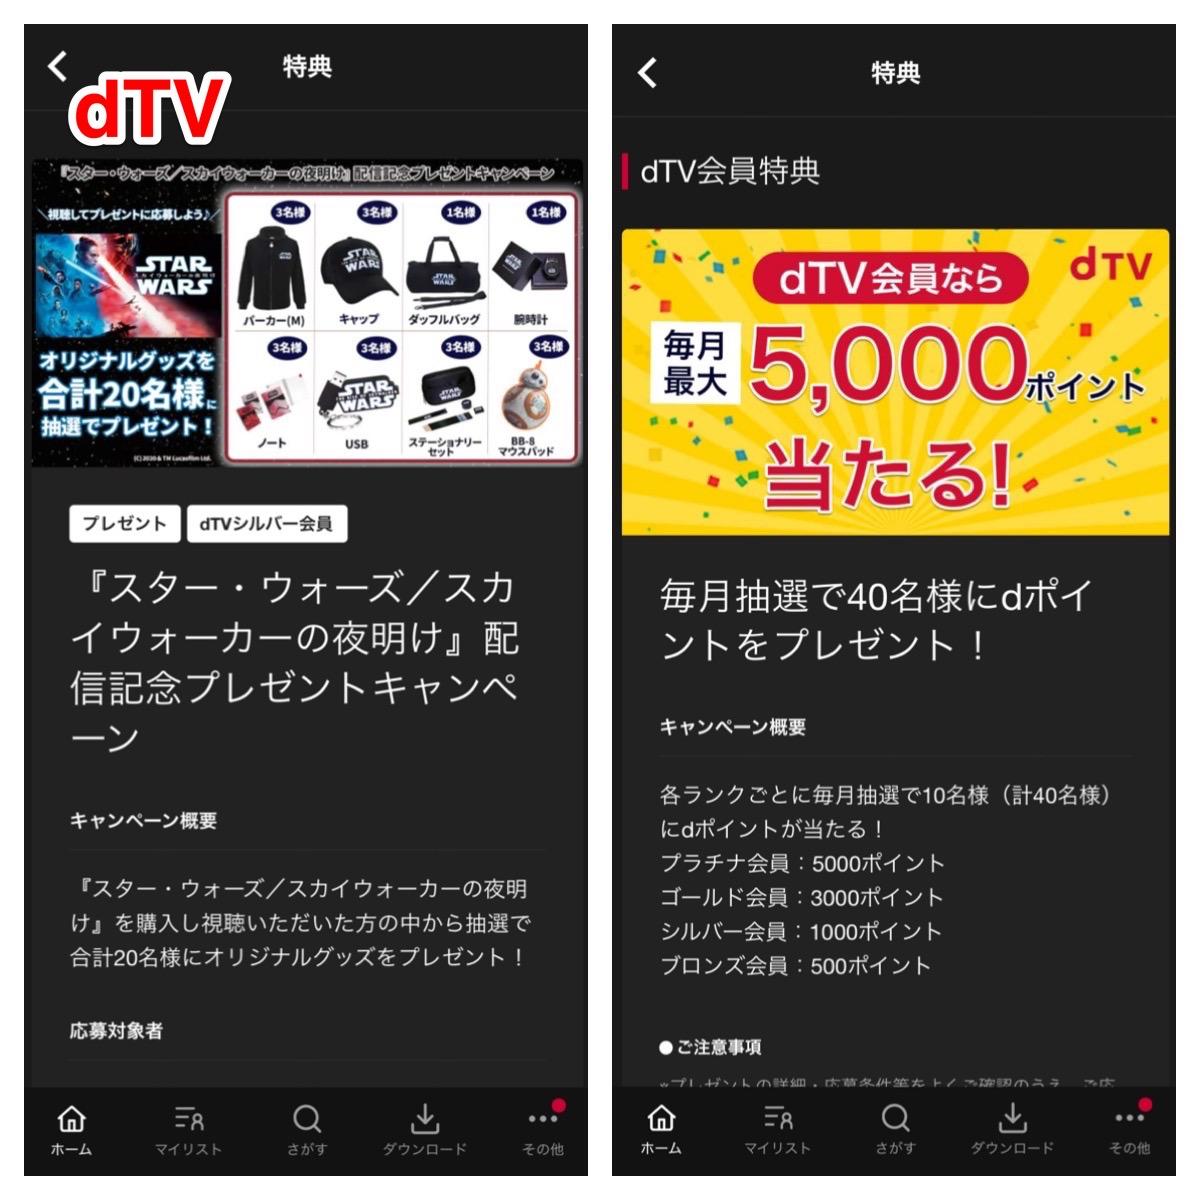 dTVのキャンペーン特典